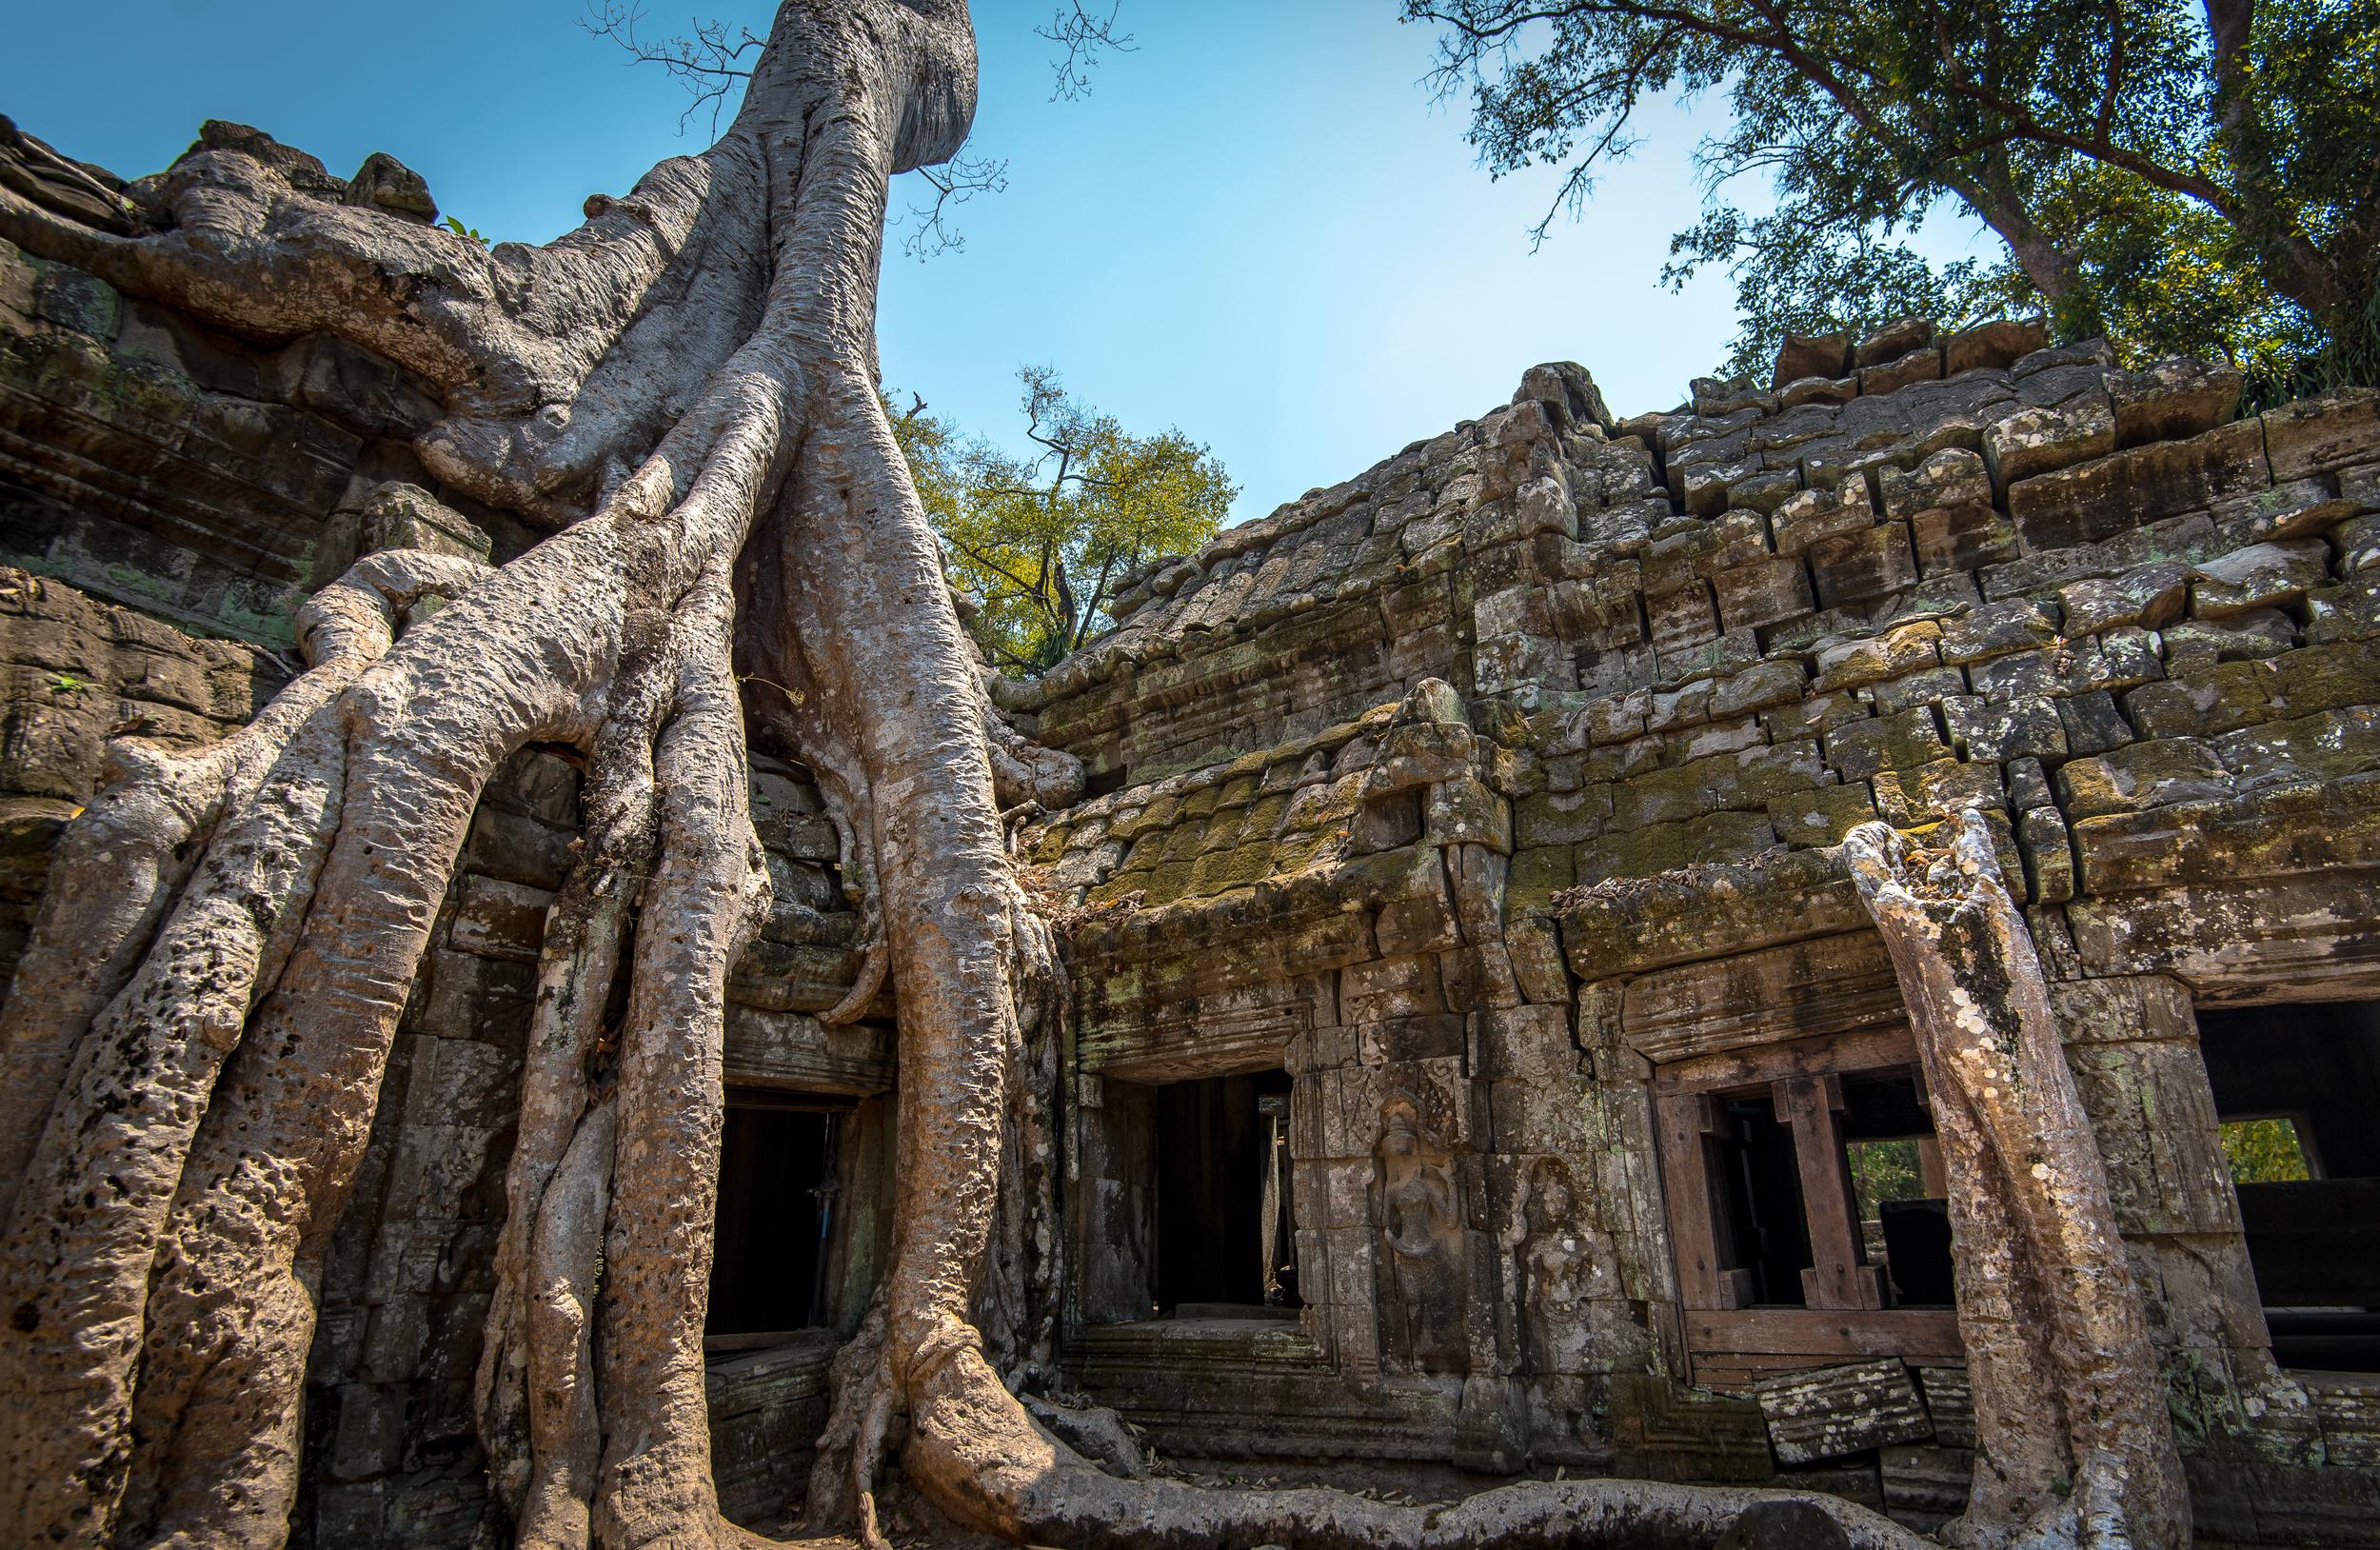 Ta Prohm Angkor Wat.jpg